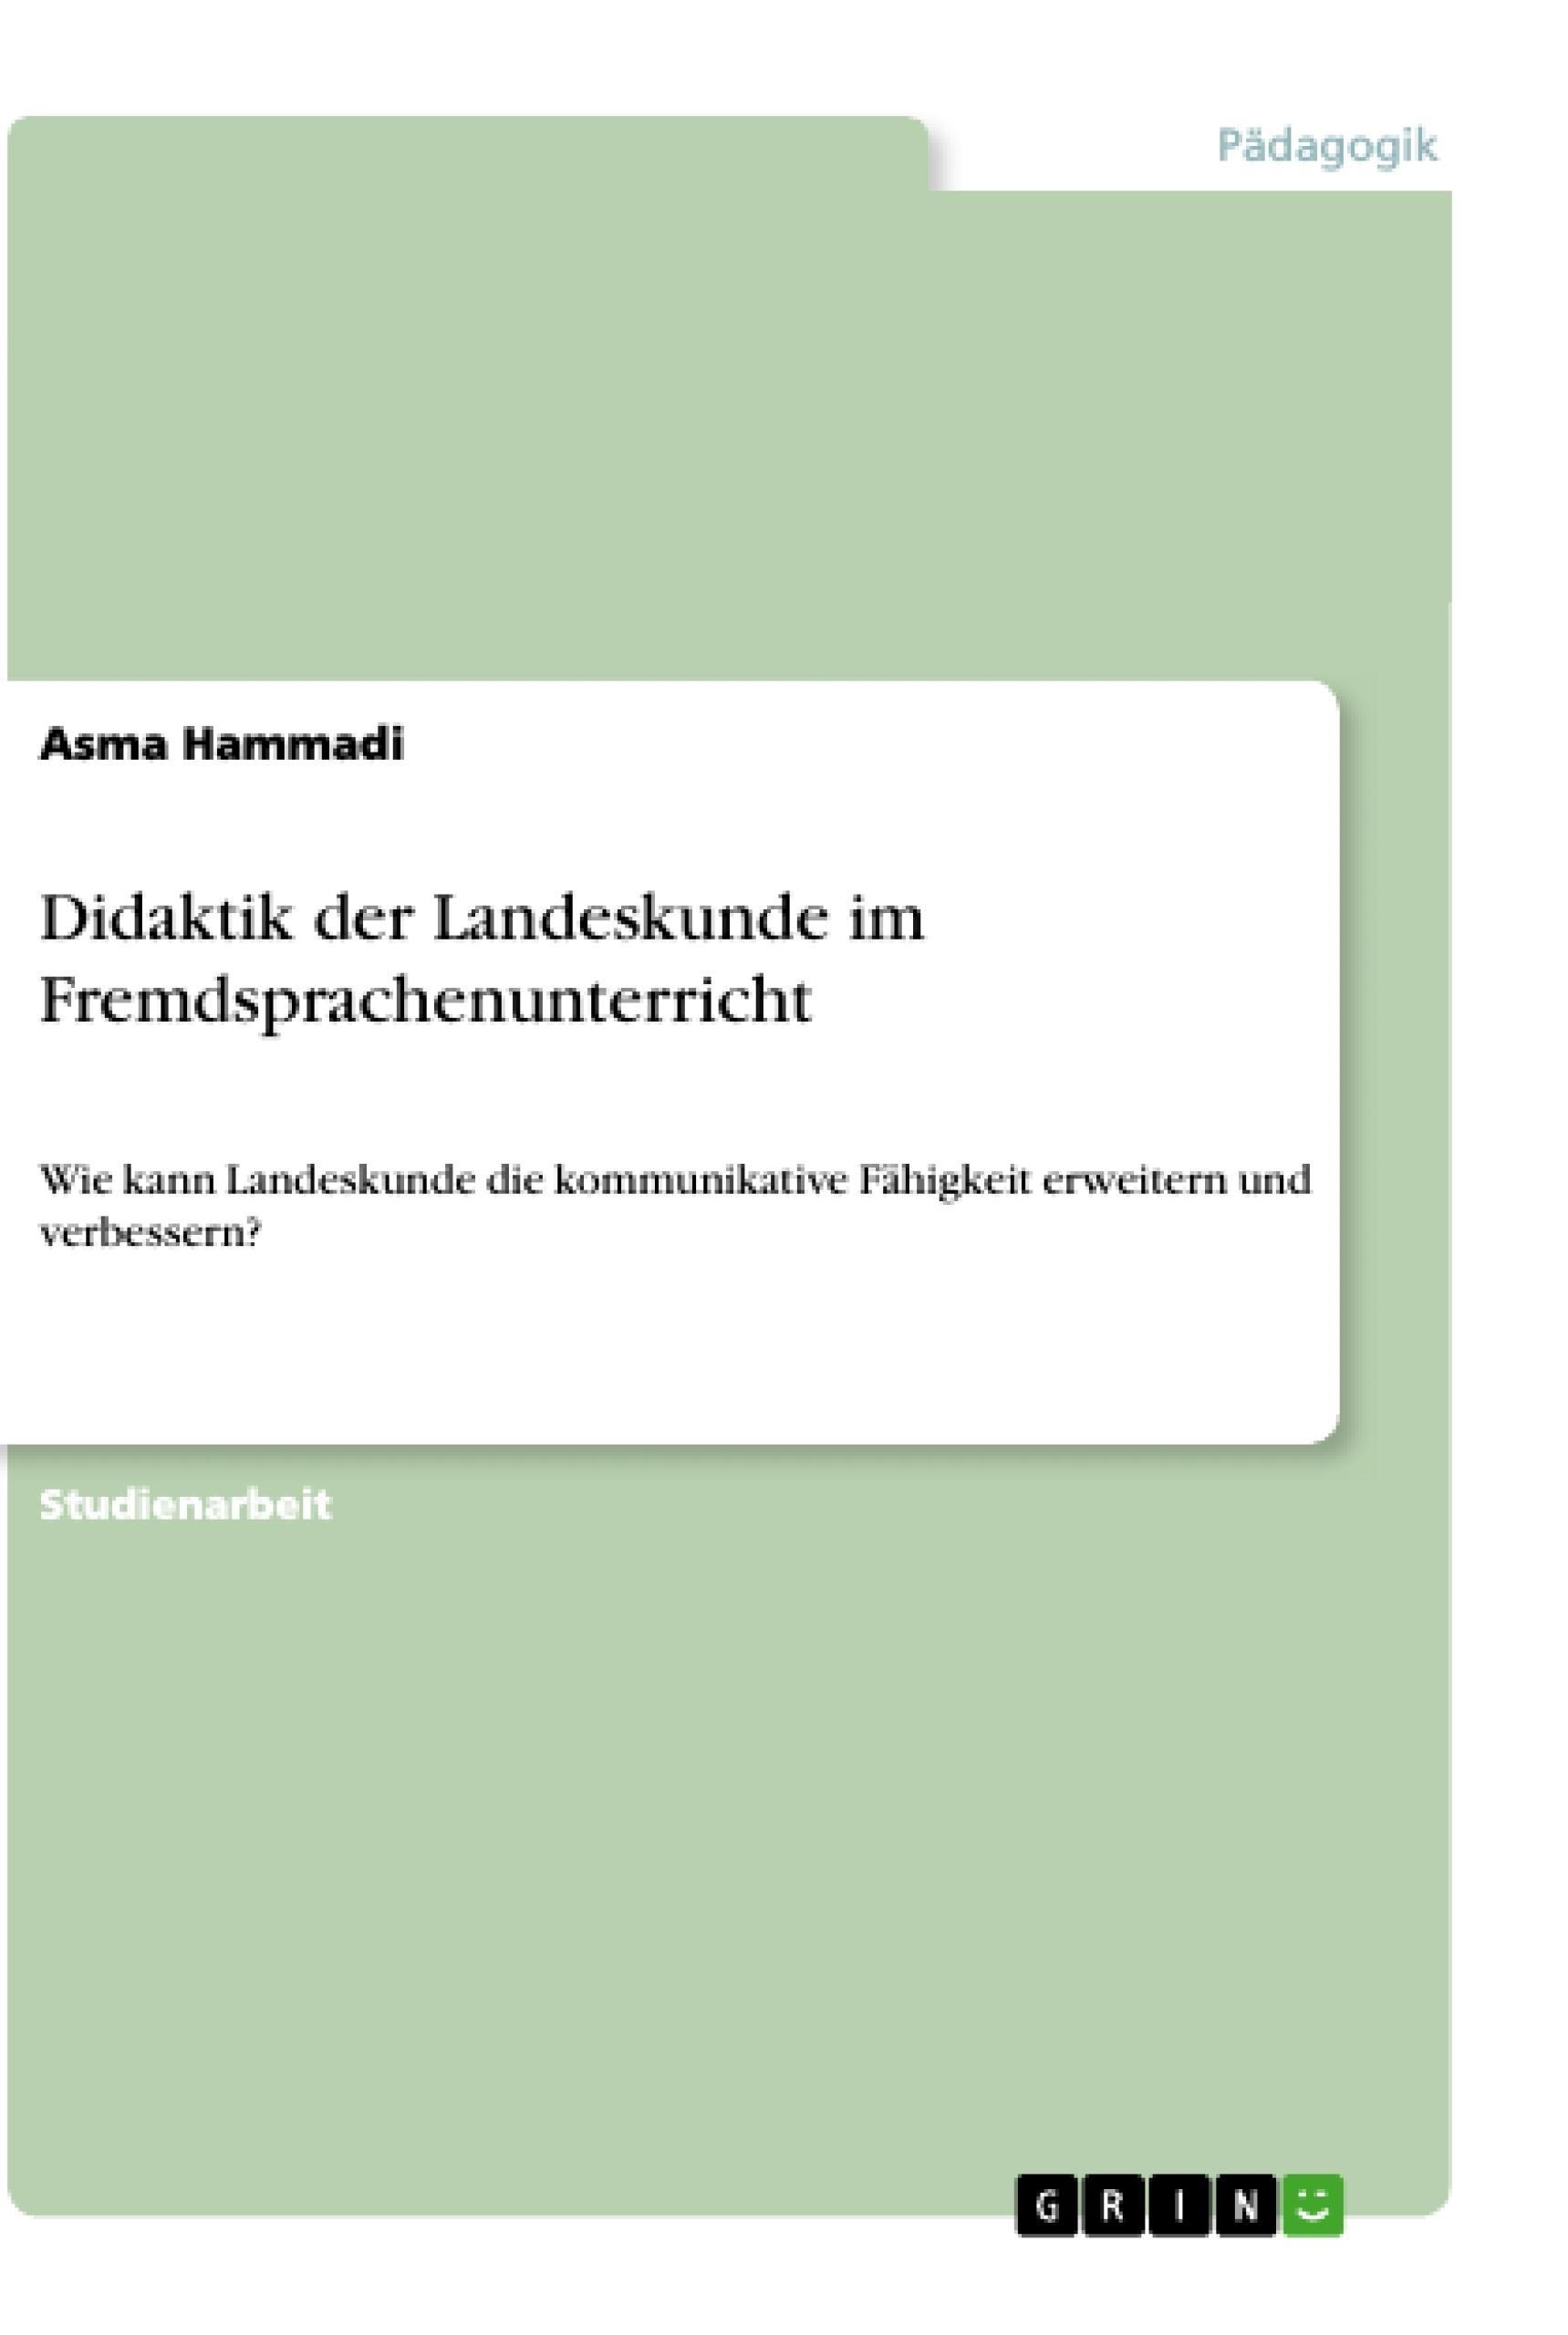 Titel: Didaktik der Landeskunde im Fremdsprachenunterricht